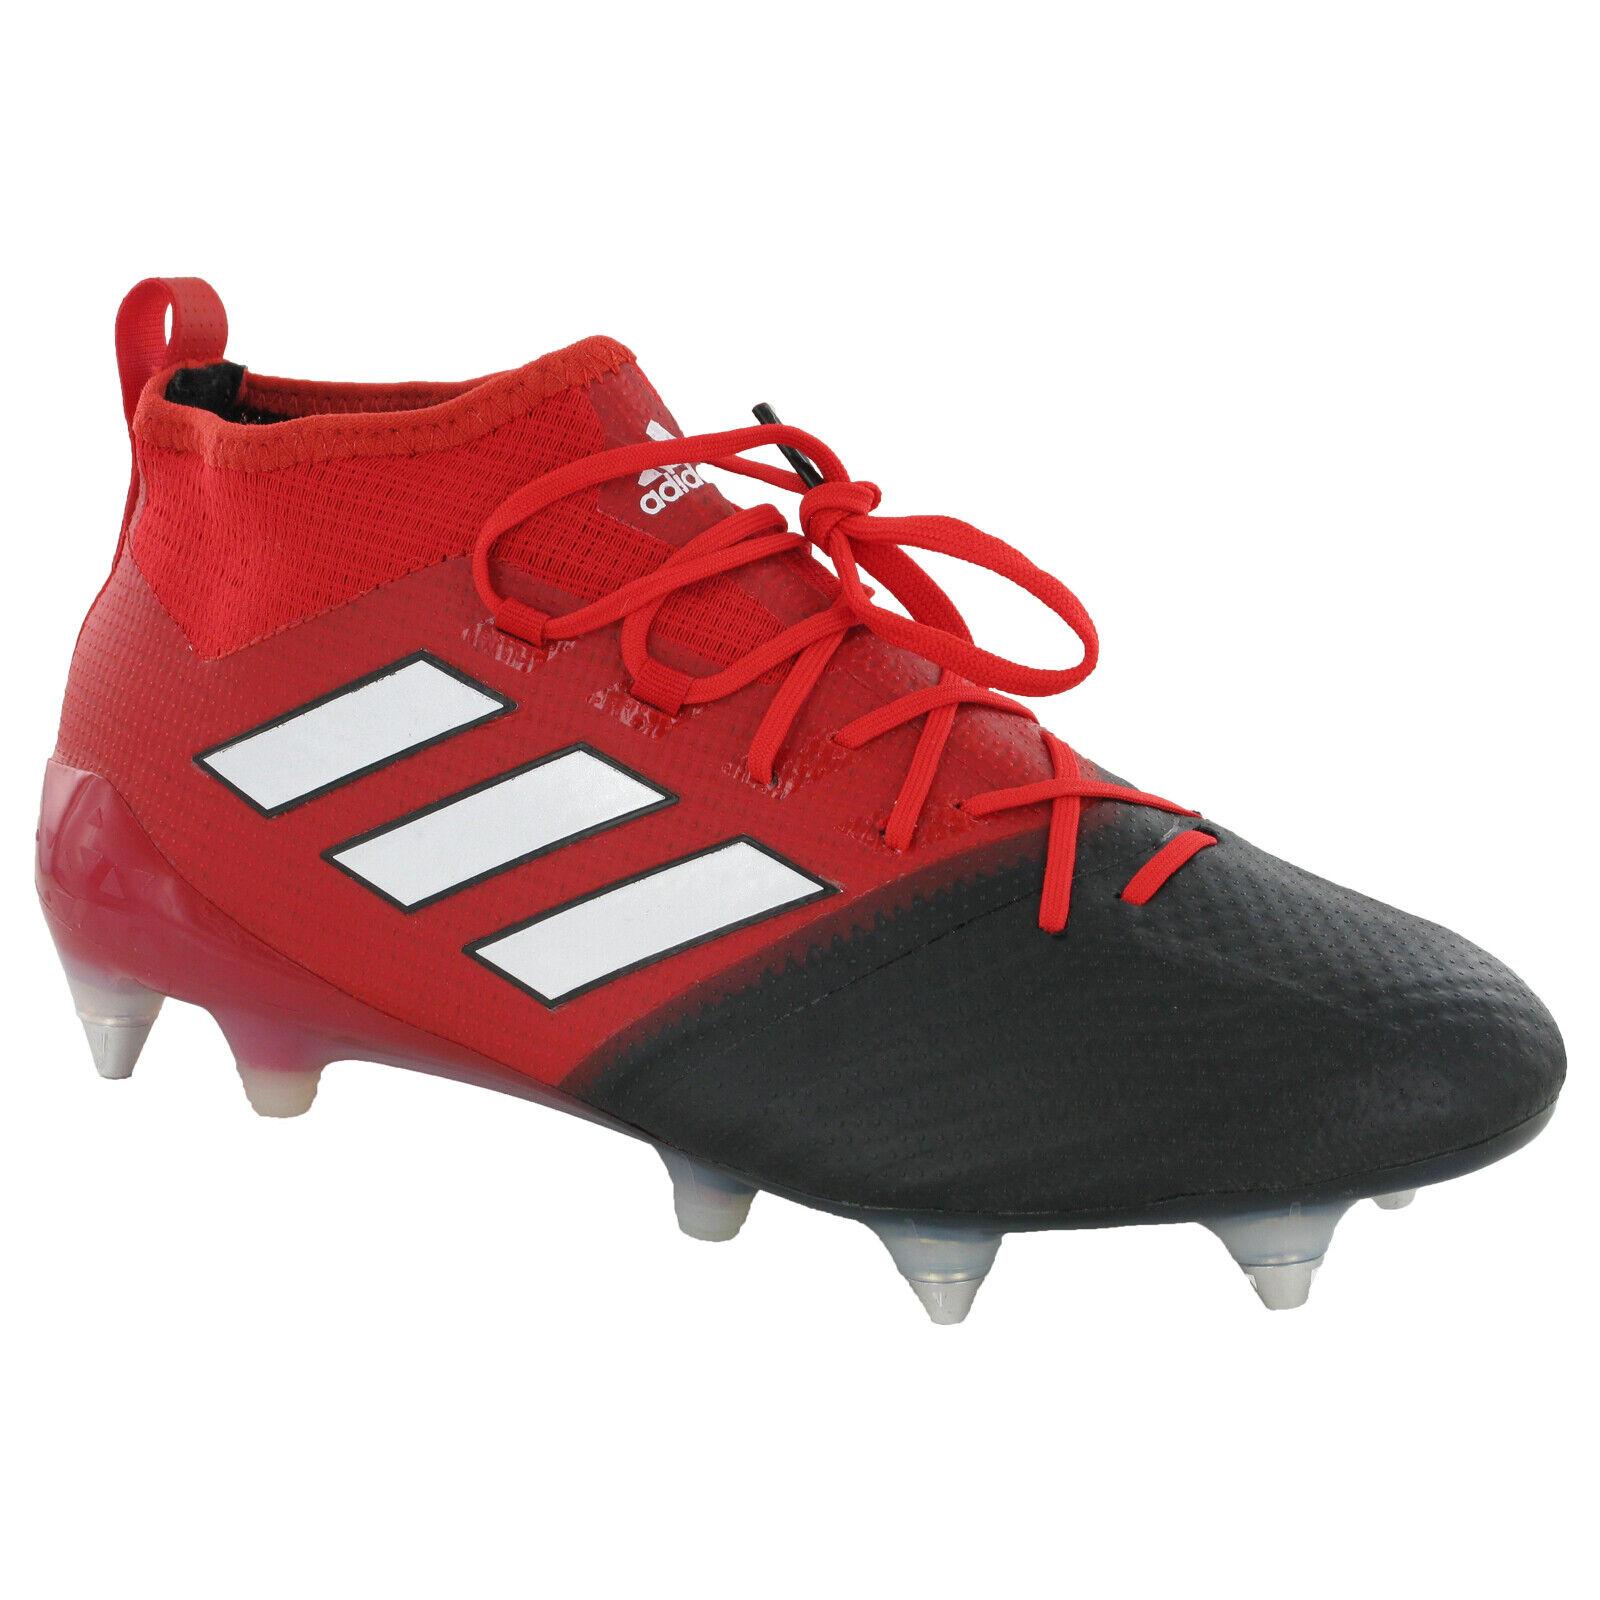 Détails sur ADIDAS ACE 17.1 Primeknit SG Chaussures de football homme Clous Football Crampons BA9188 afficher le titre d'origine